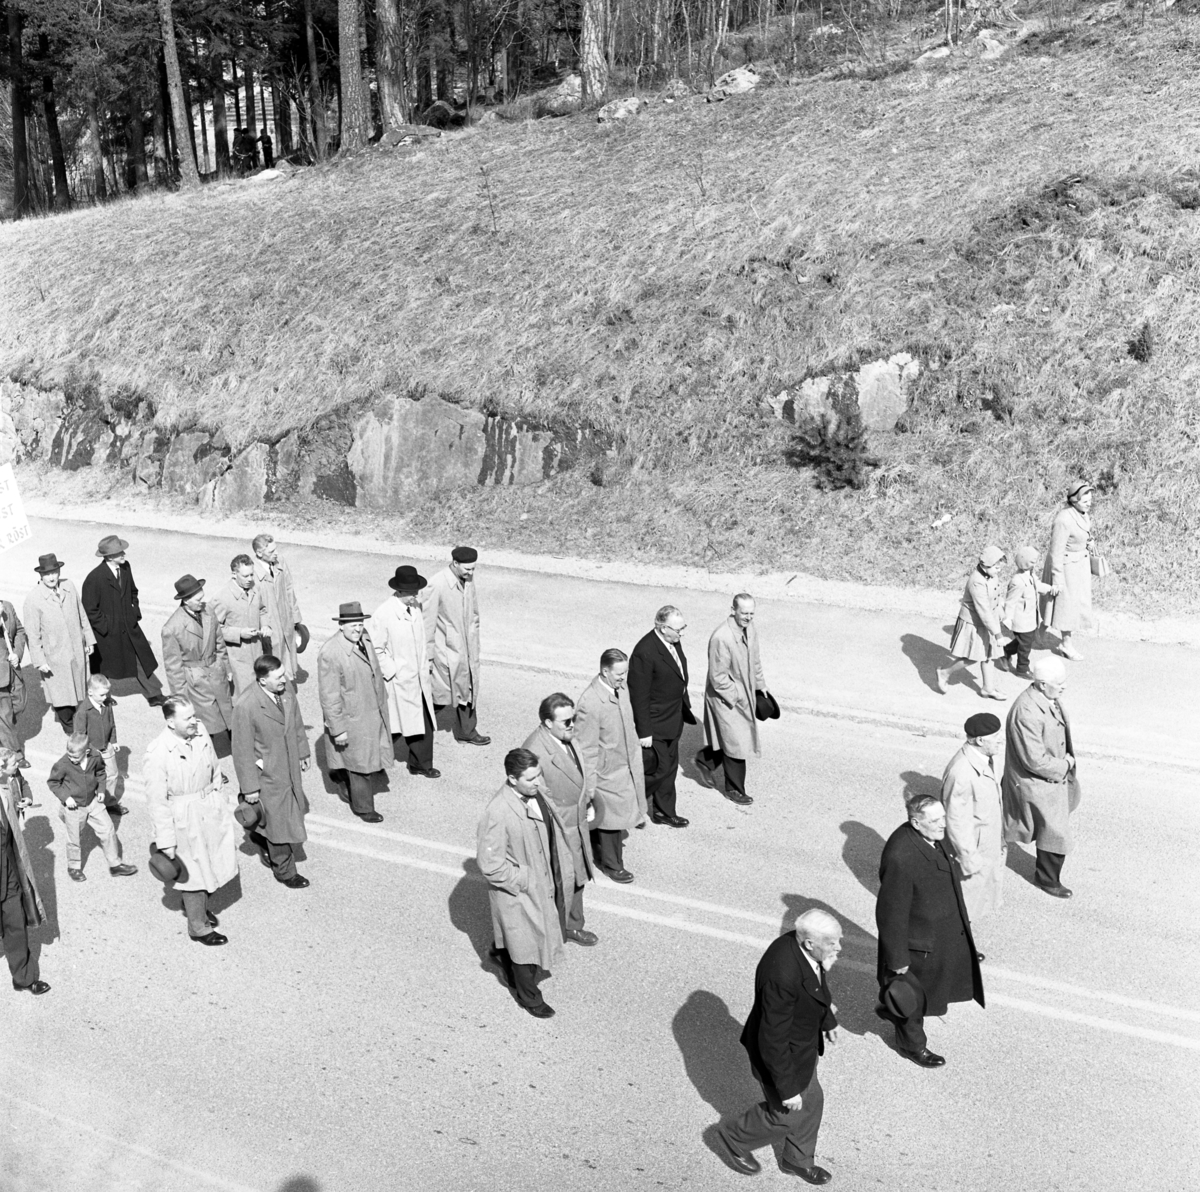 Första maj. Demonstrationståg. Herrar i hatt och överrock går i prydliga rader. Andra raden, närmast kameran, är Nils Brodin. En kvinna med två barn går utanför ledet.